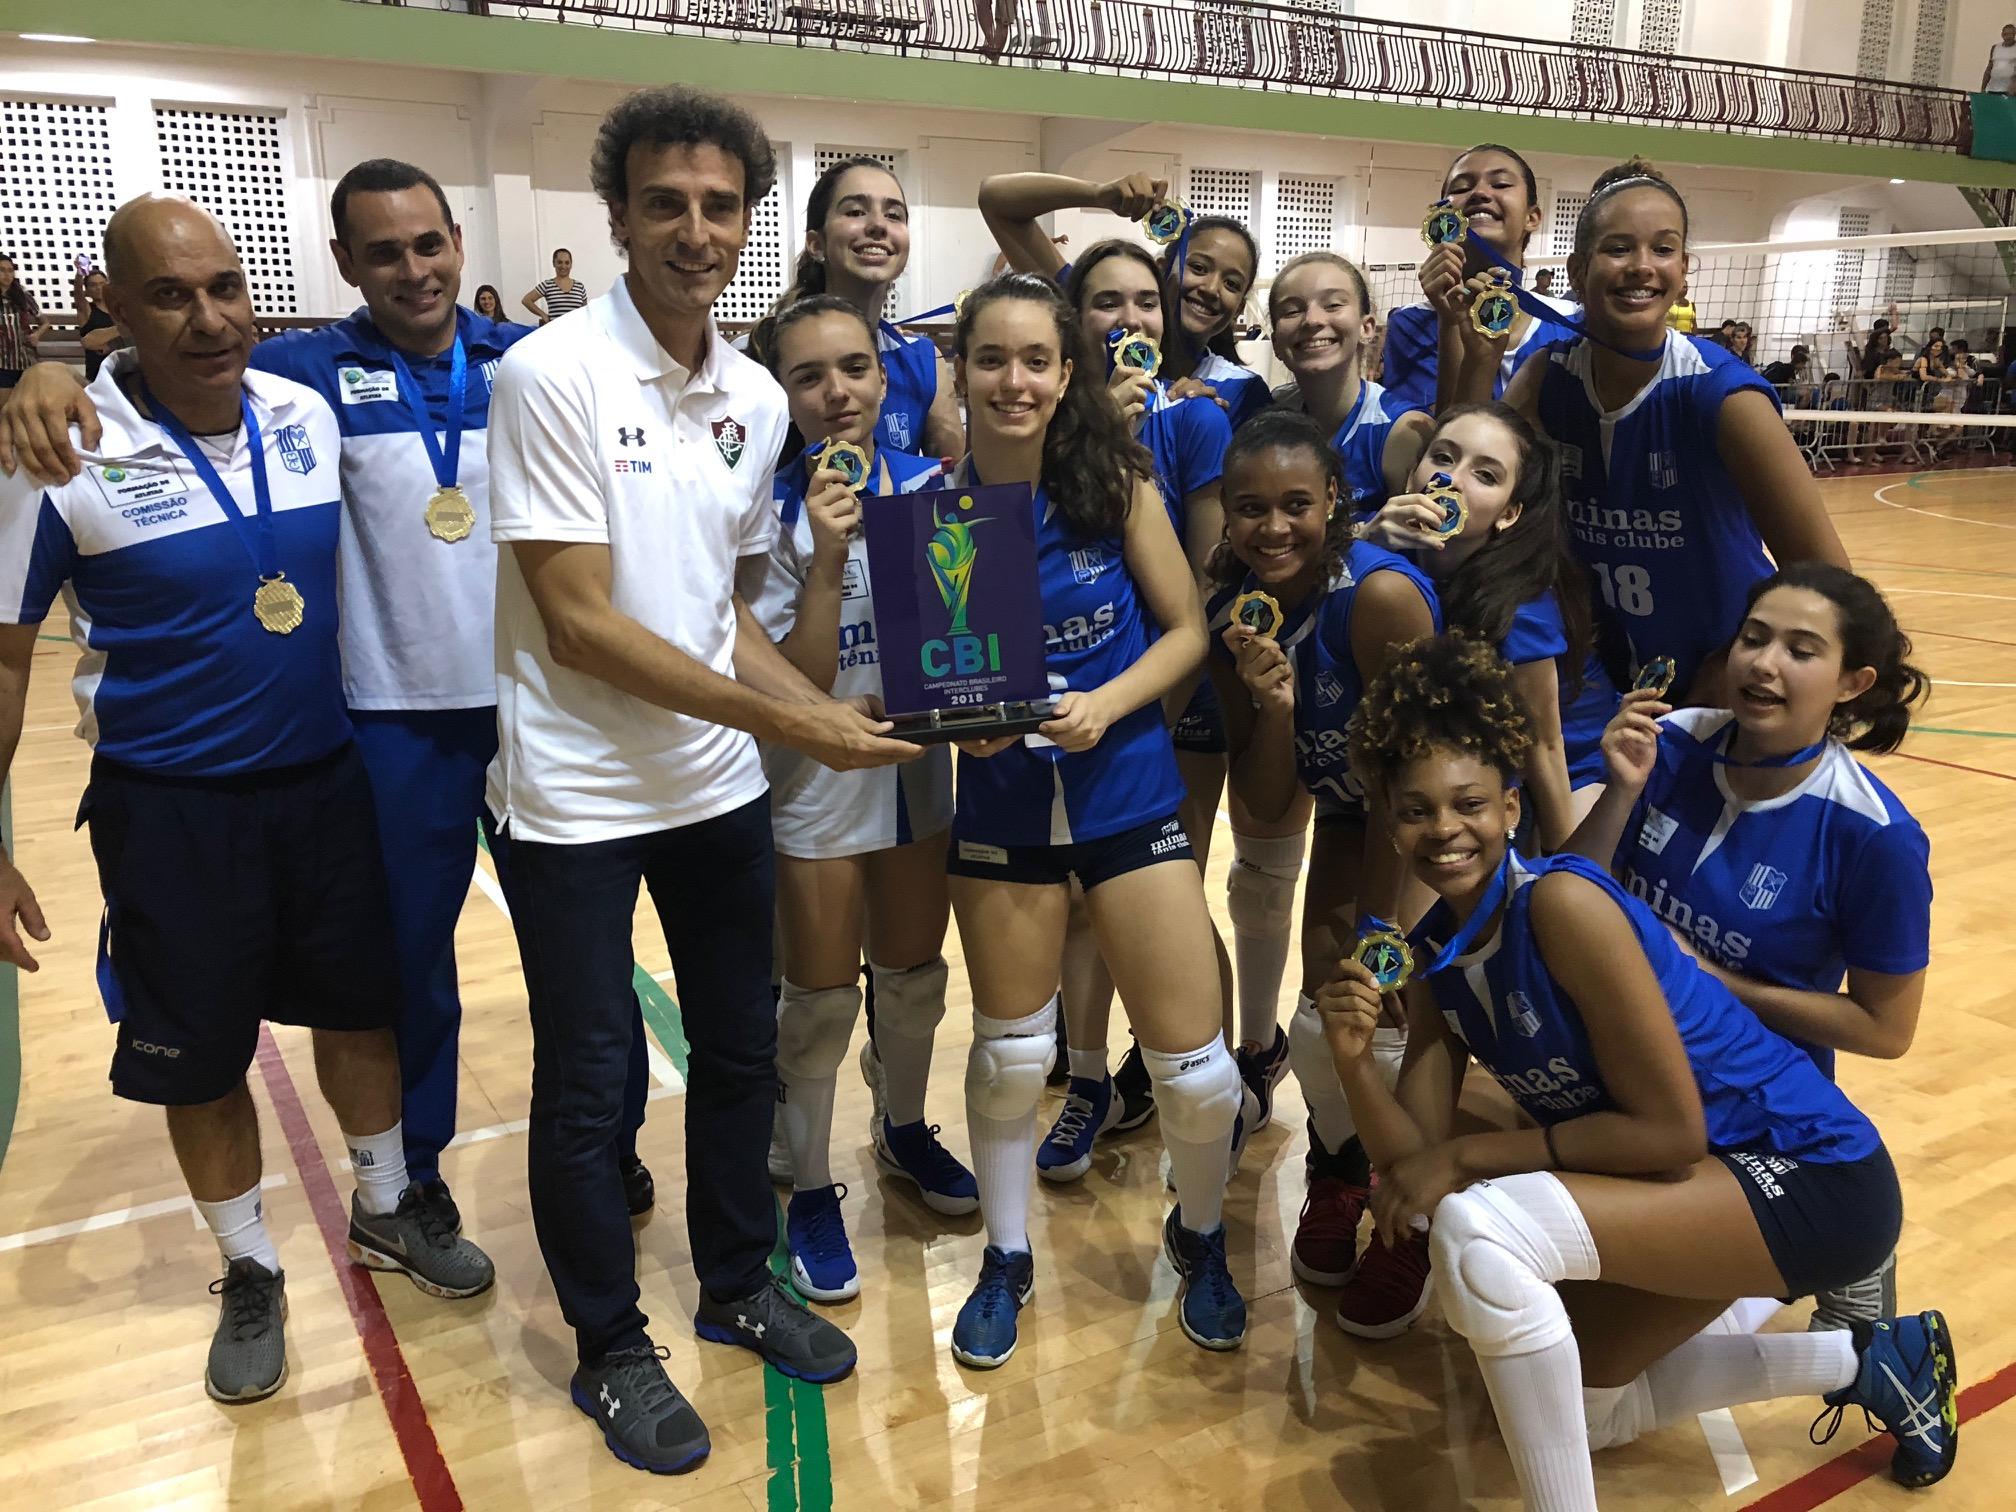 Minas Tênis Clube conquista o título no Rio de Janeiro